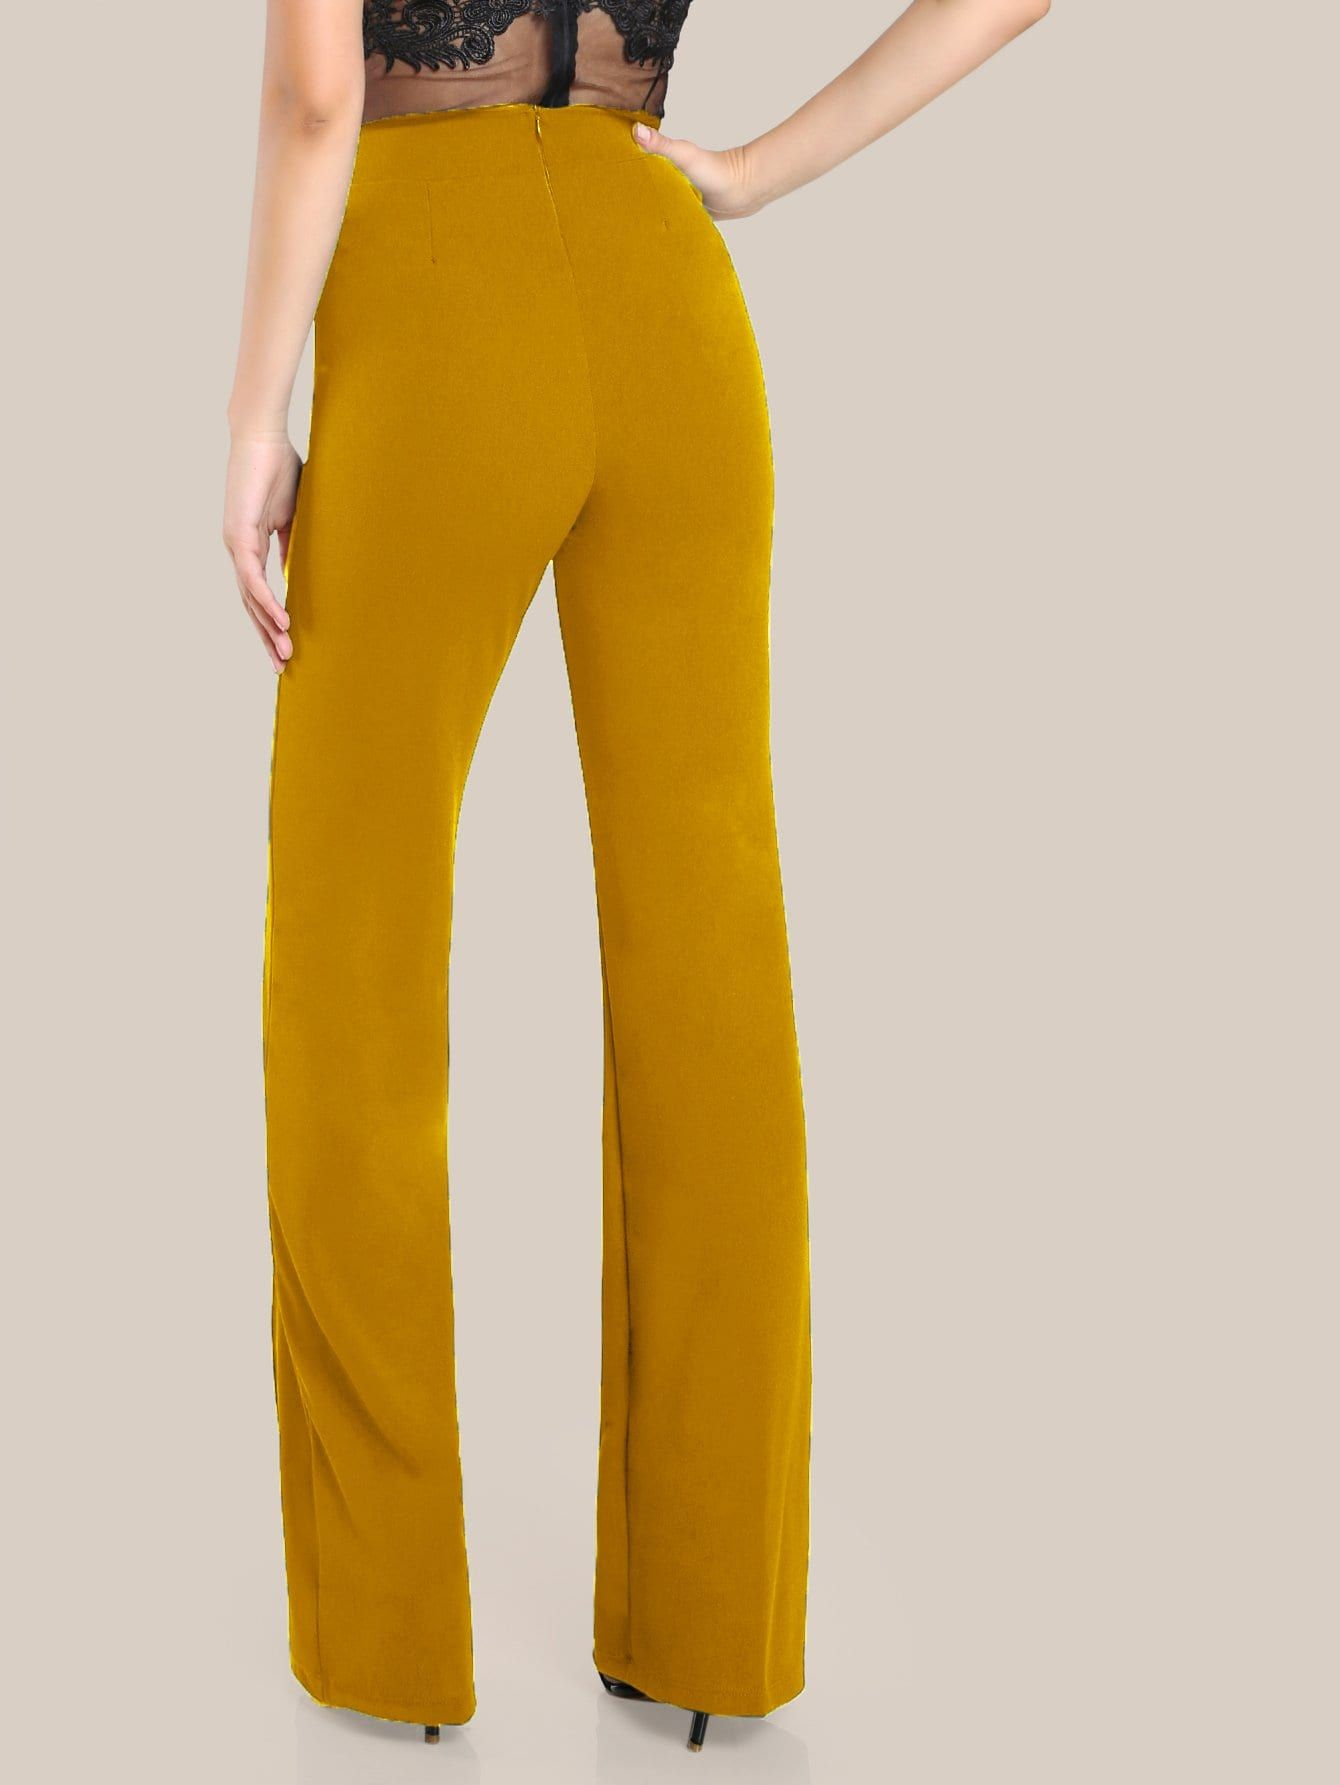 d130bfe52f241f Elegant Zipper Plain Wide Leg Regular Zipper Fly High Waist Ginger Long  Length High Rise Piped Dress Pants